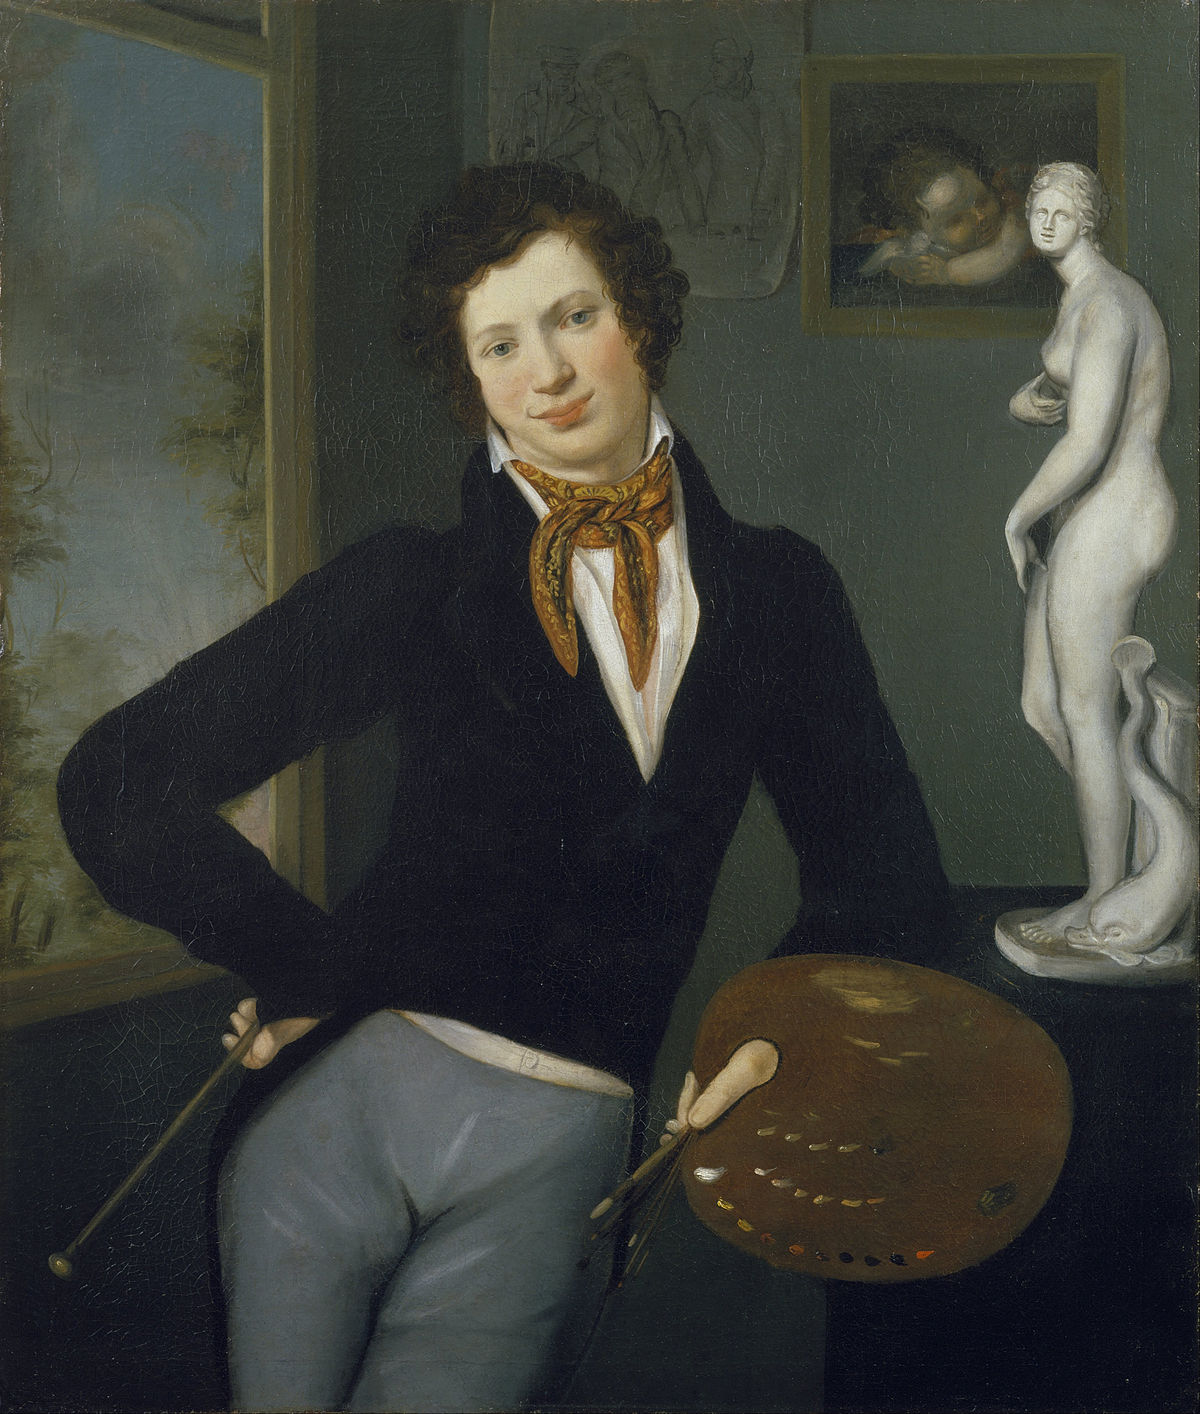 Oil paintings of people